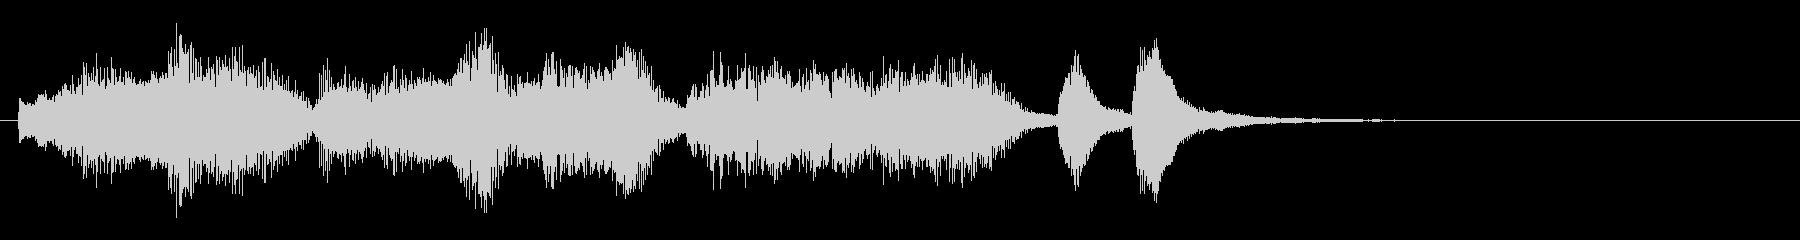 のほほんジングル021_優しい-3の未再生の波形